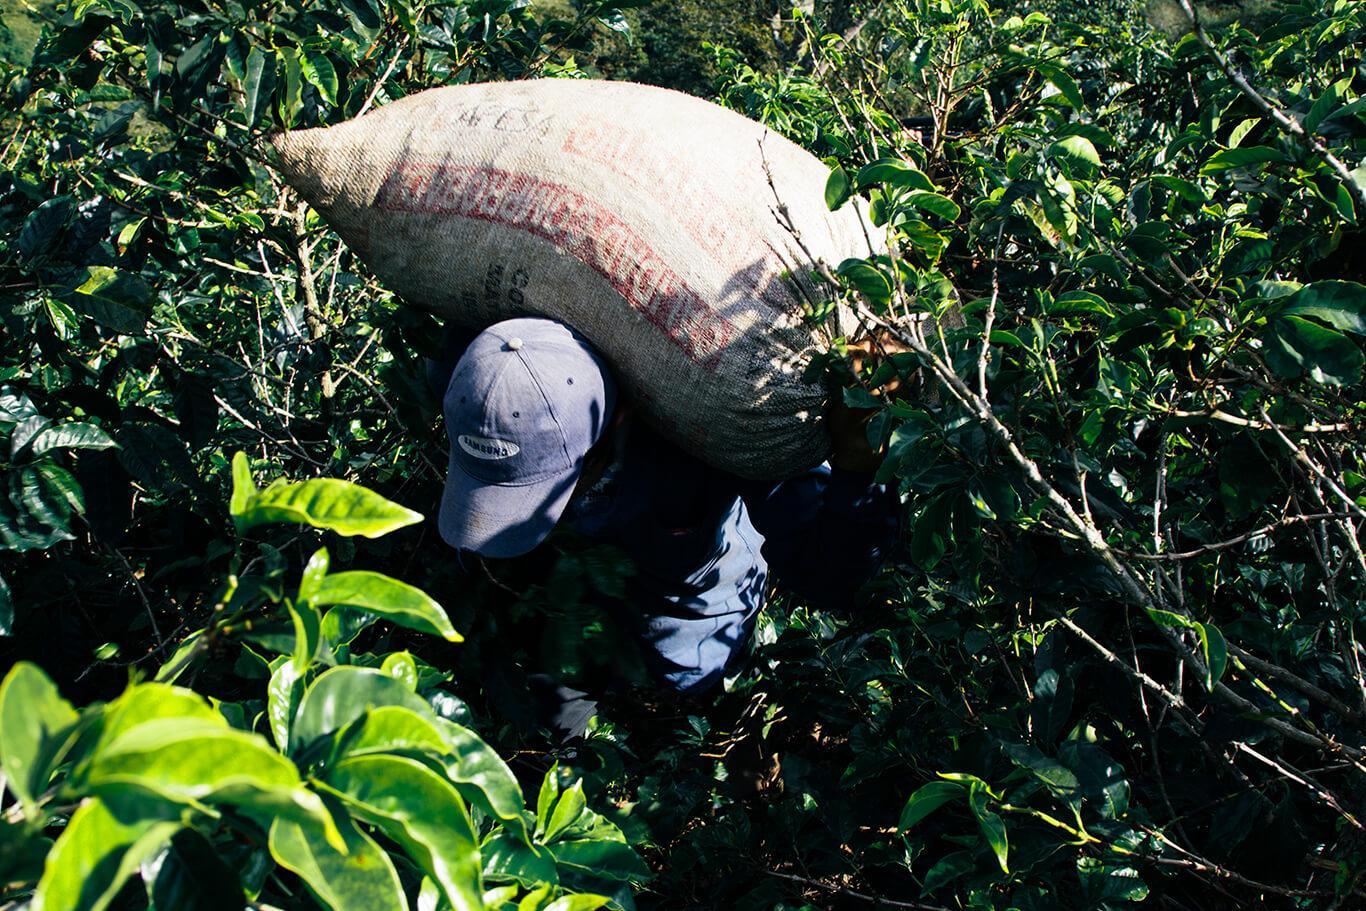 Luego de un largo de día de colecta, los granos son sacados del monte para ser medidos.